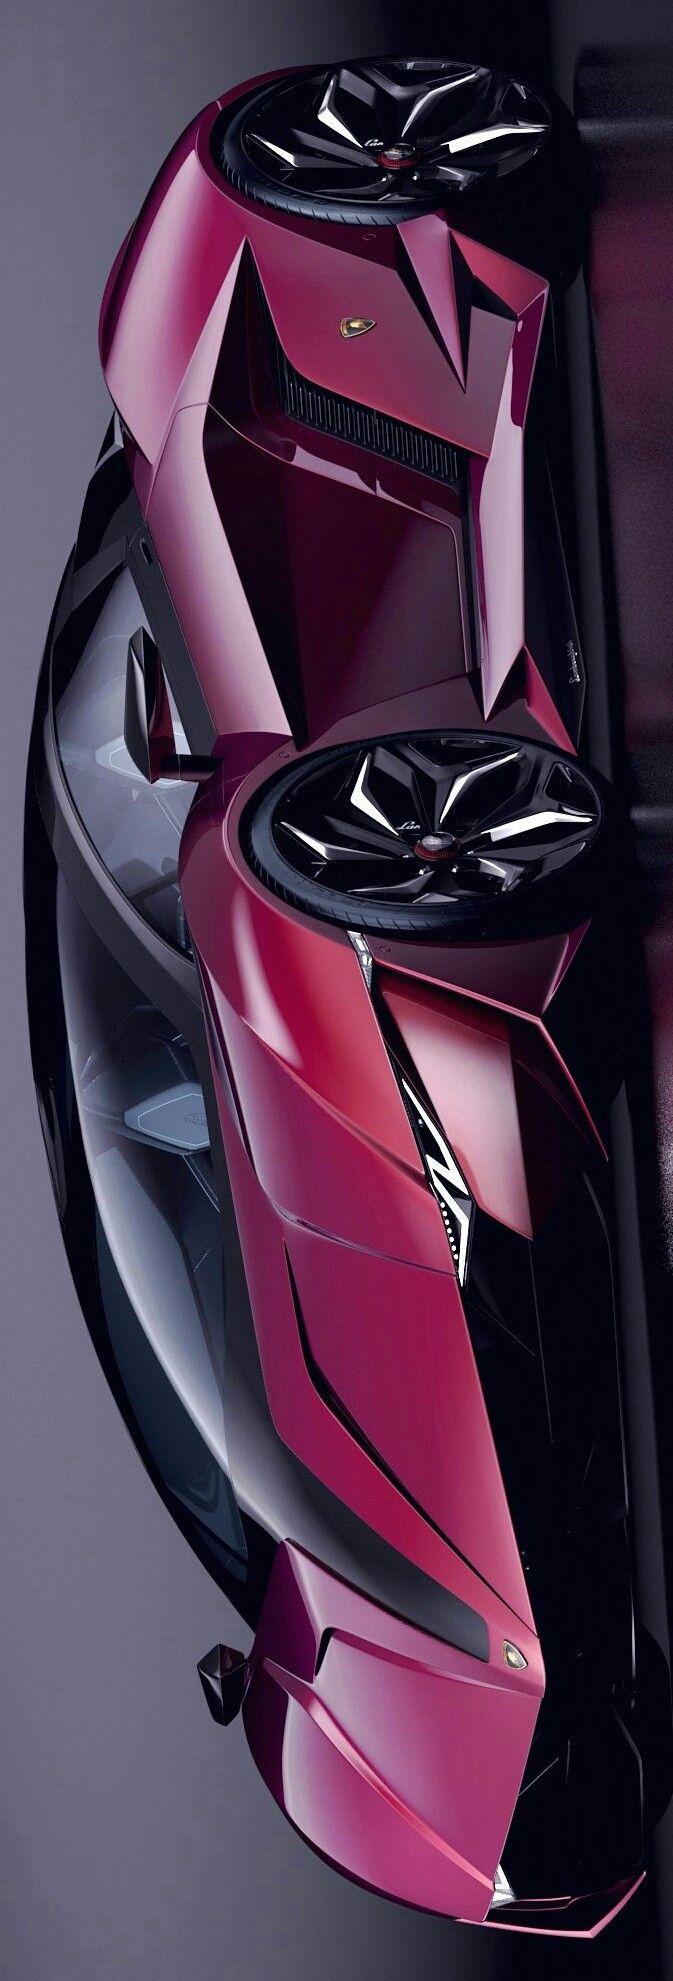 Lamborghini Resonare Concept